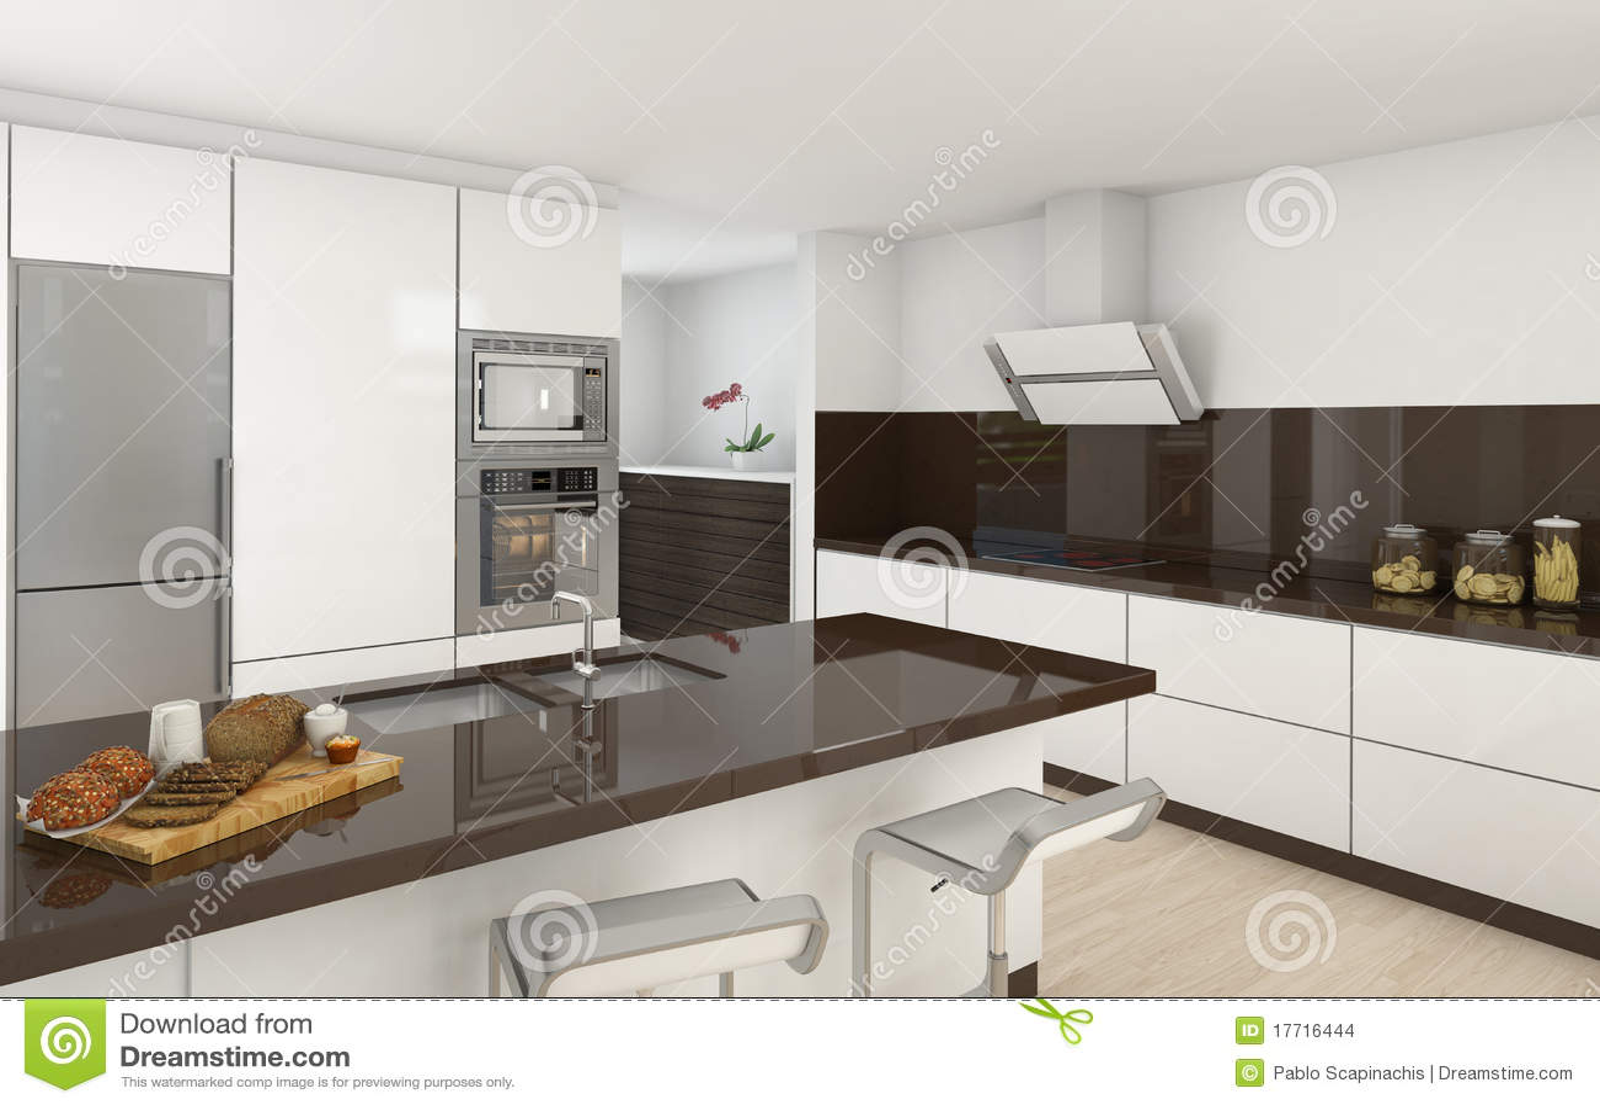 Cucina moderna bianca e marrone illustrazione di stock illustrazione di fiore moderno 17716444 - Cucina bianca e marrone ...